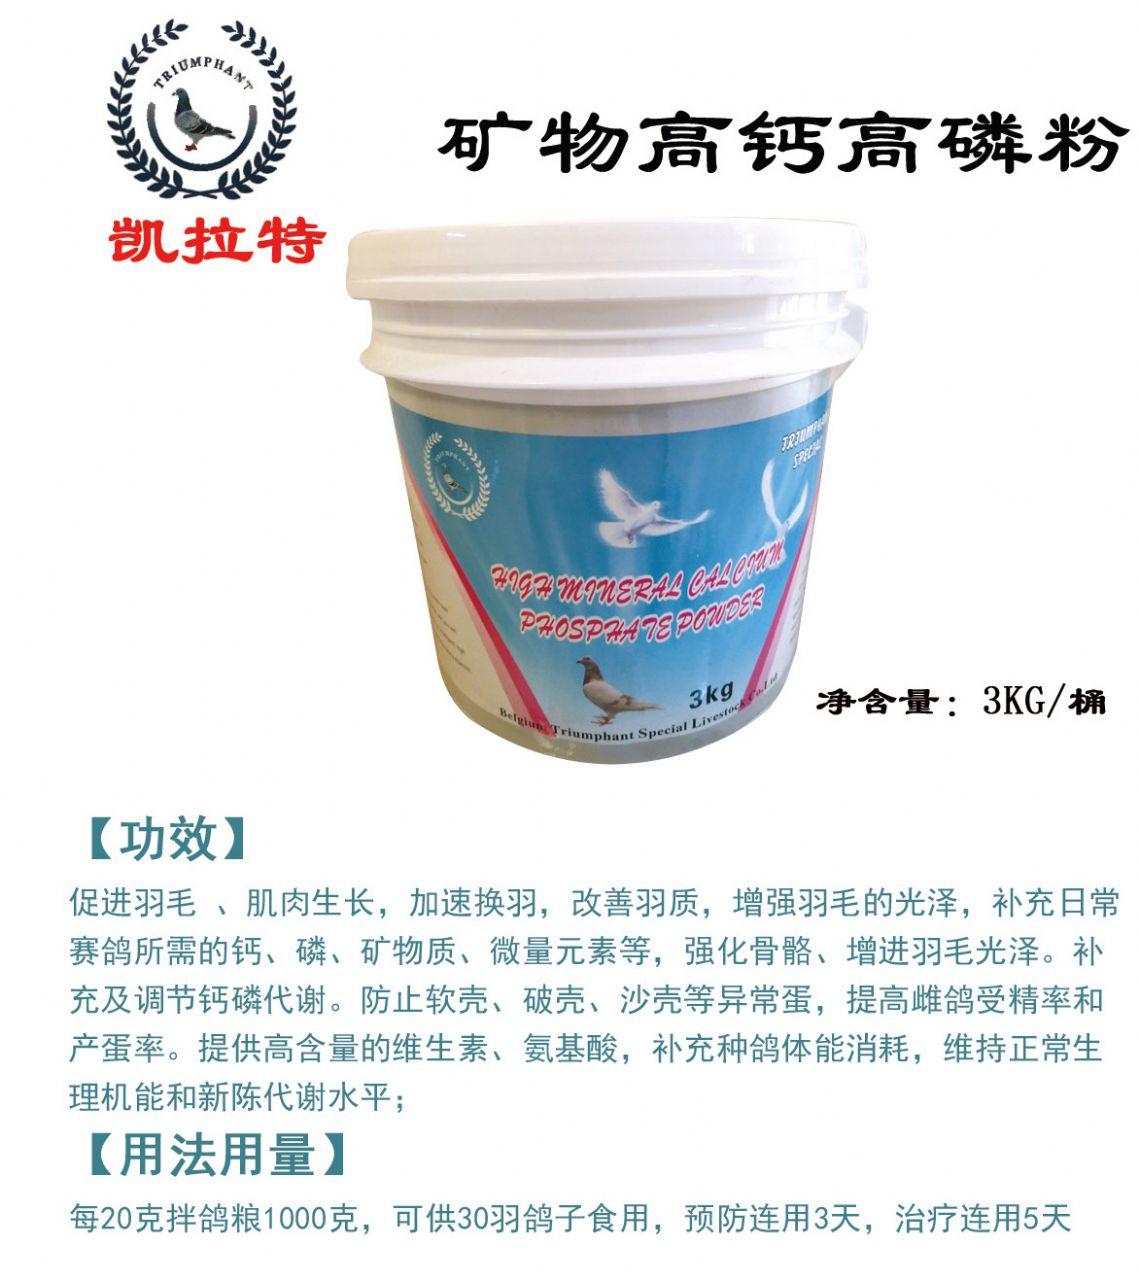 凯拉特矿物高钙高磷粉